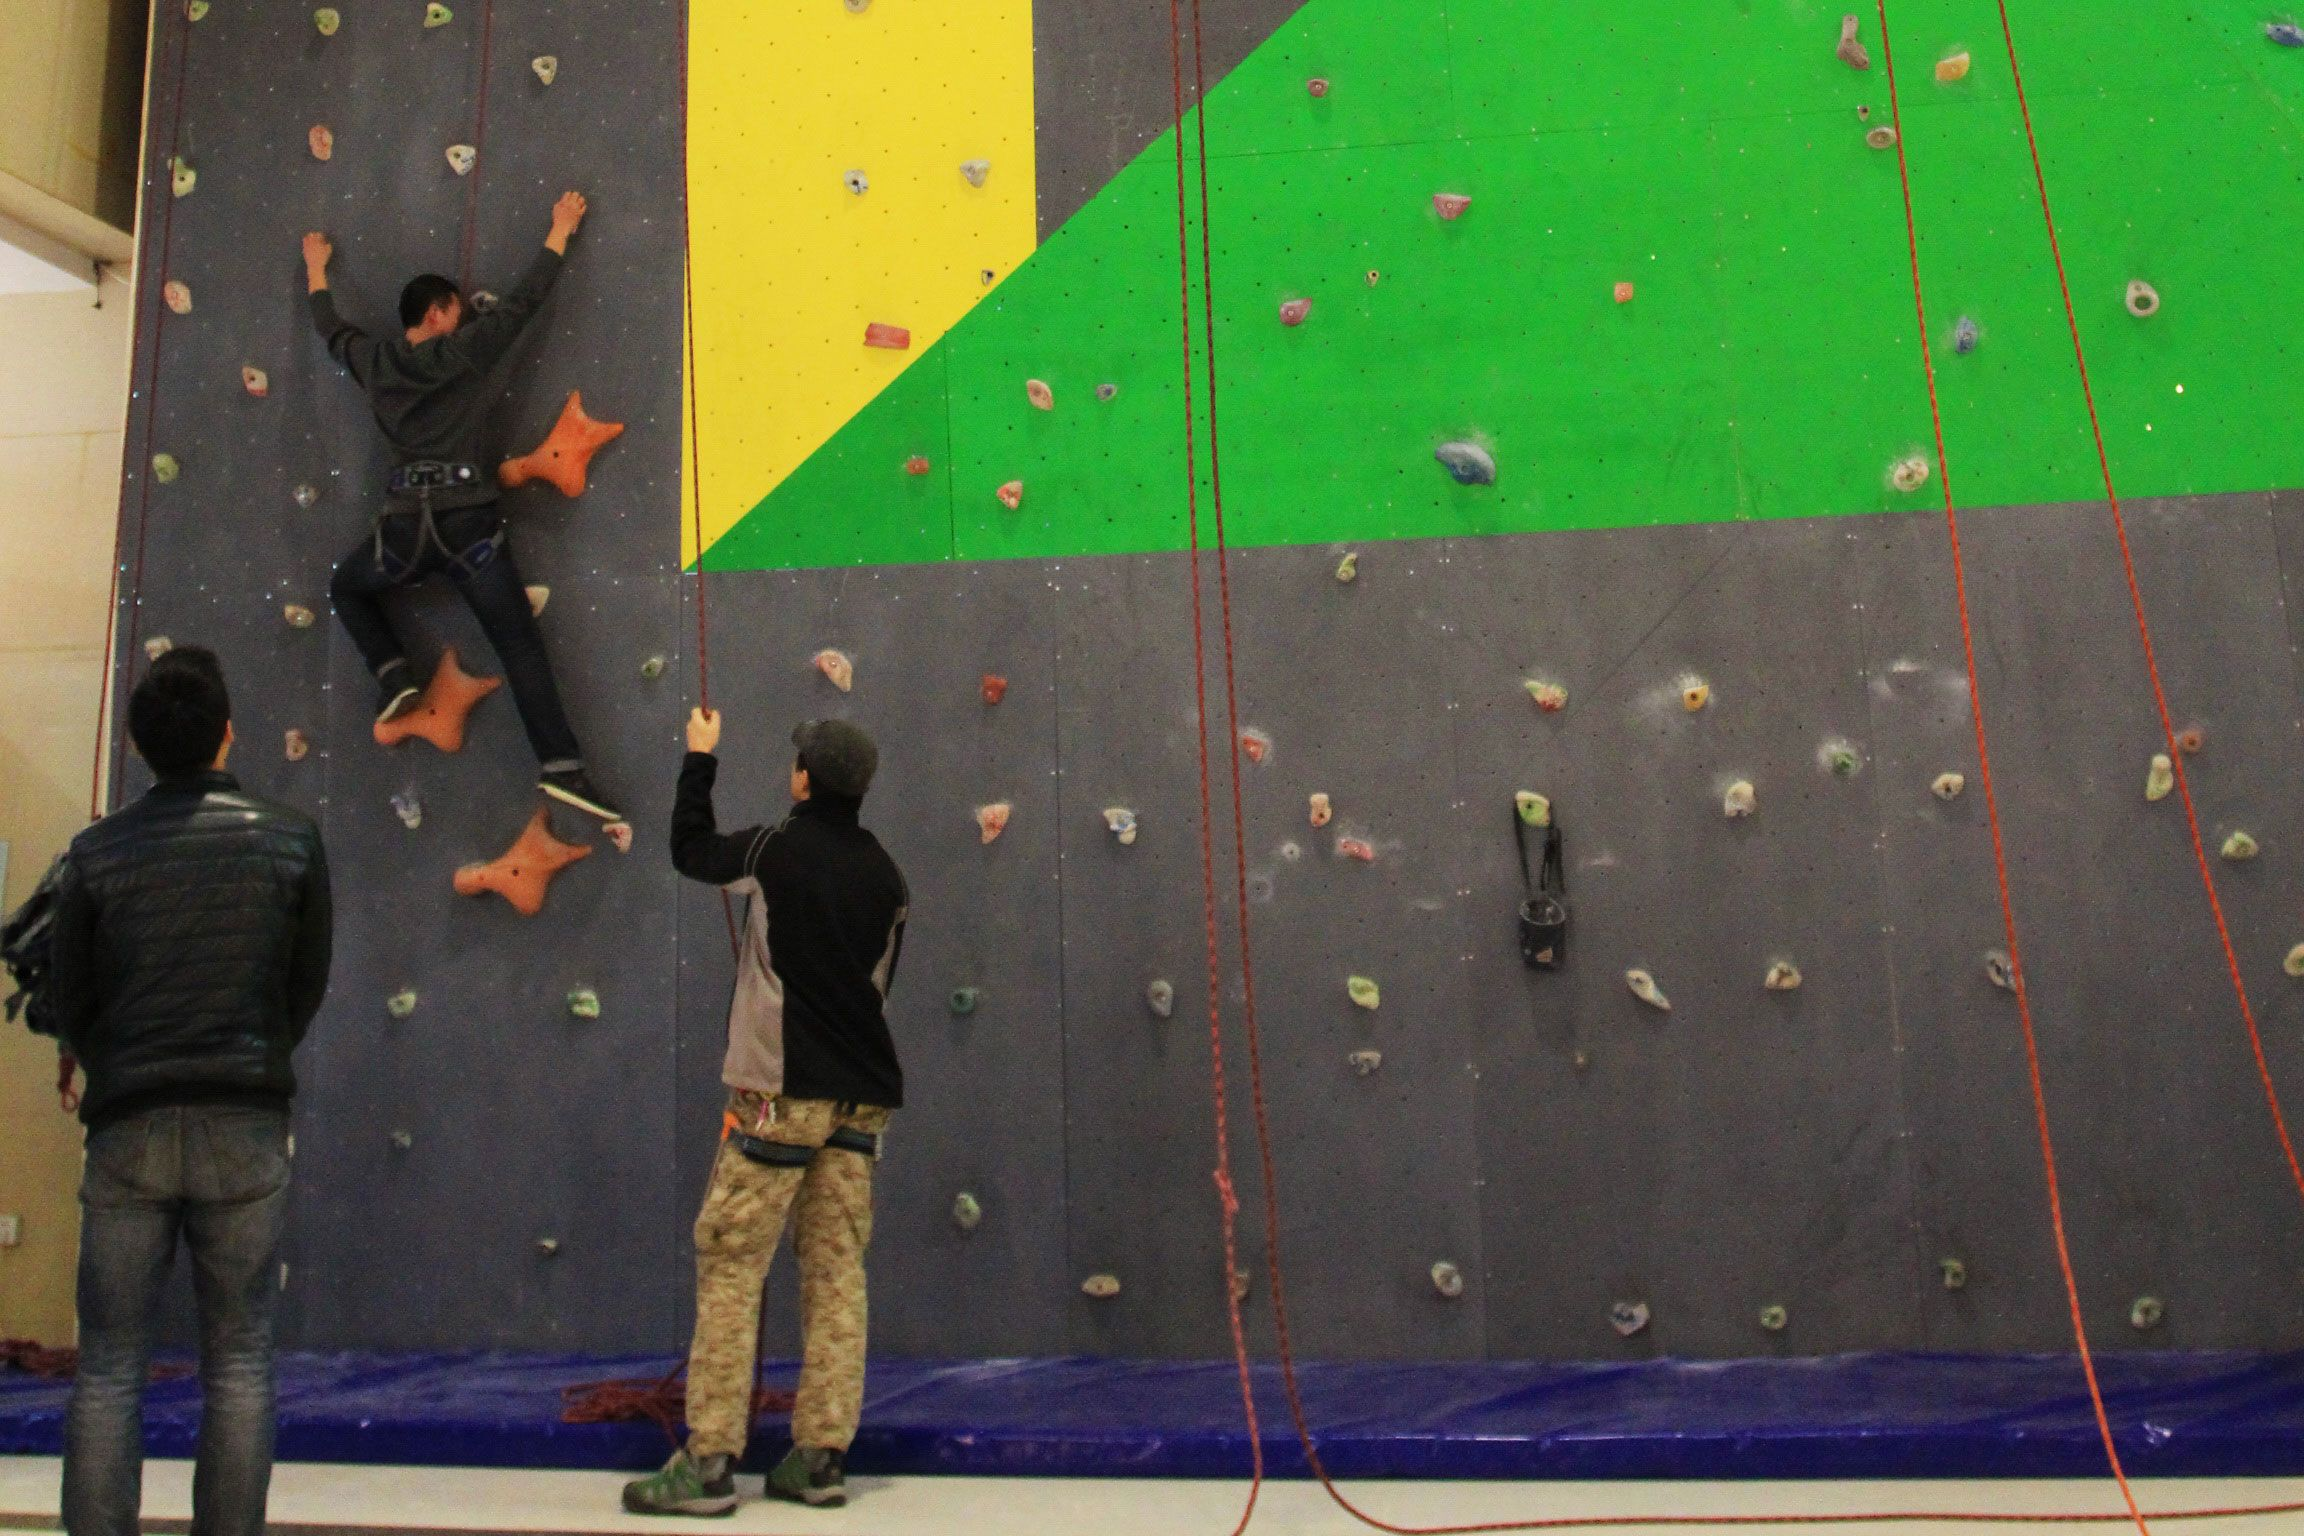 西安火石攀岩运动俱乐部